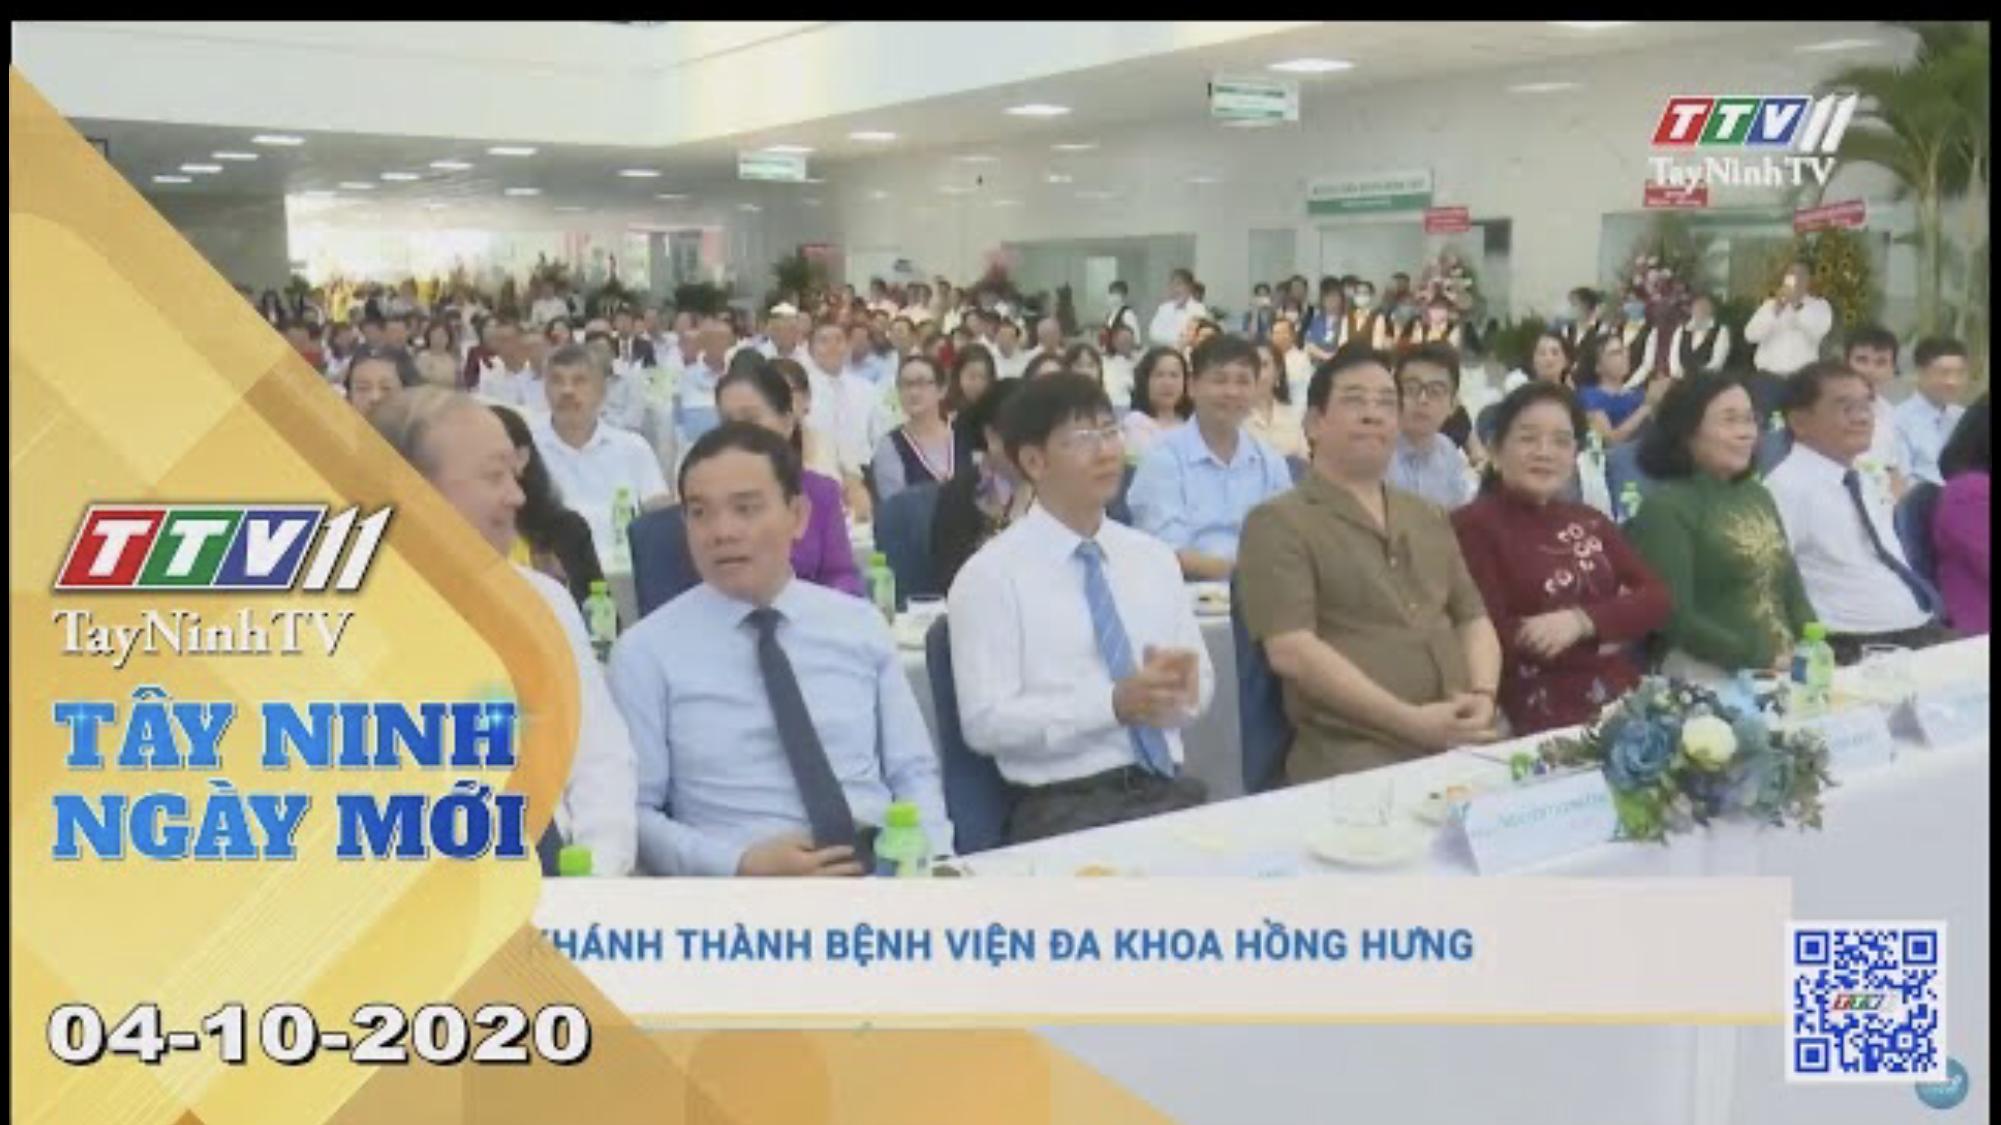 Tây Ninh Ngày Mới 04-10-2020 | Tin tức hôm nay | TayNinhTV